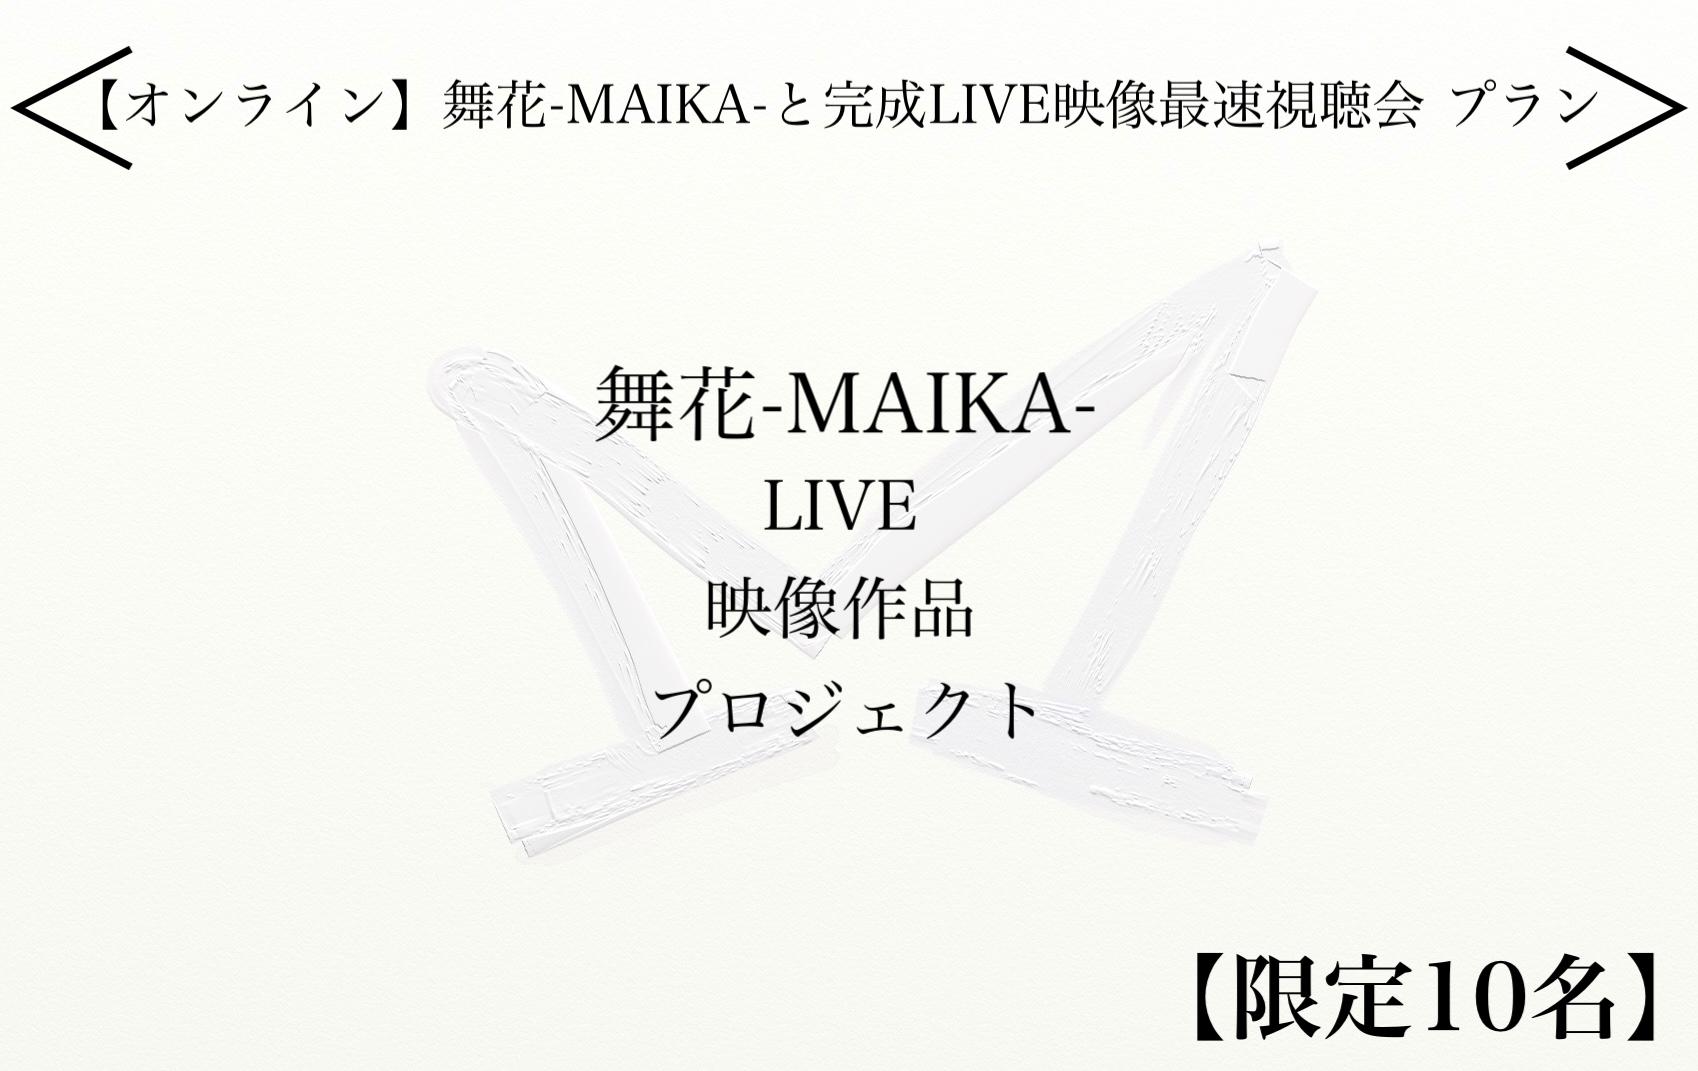 <【オンライン】舞花と完成ライブ映像最速視聴会 プラン>限定10名